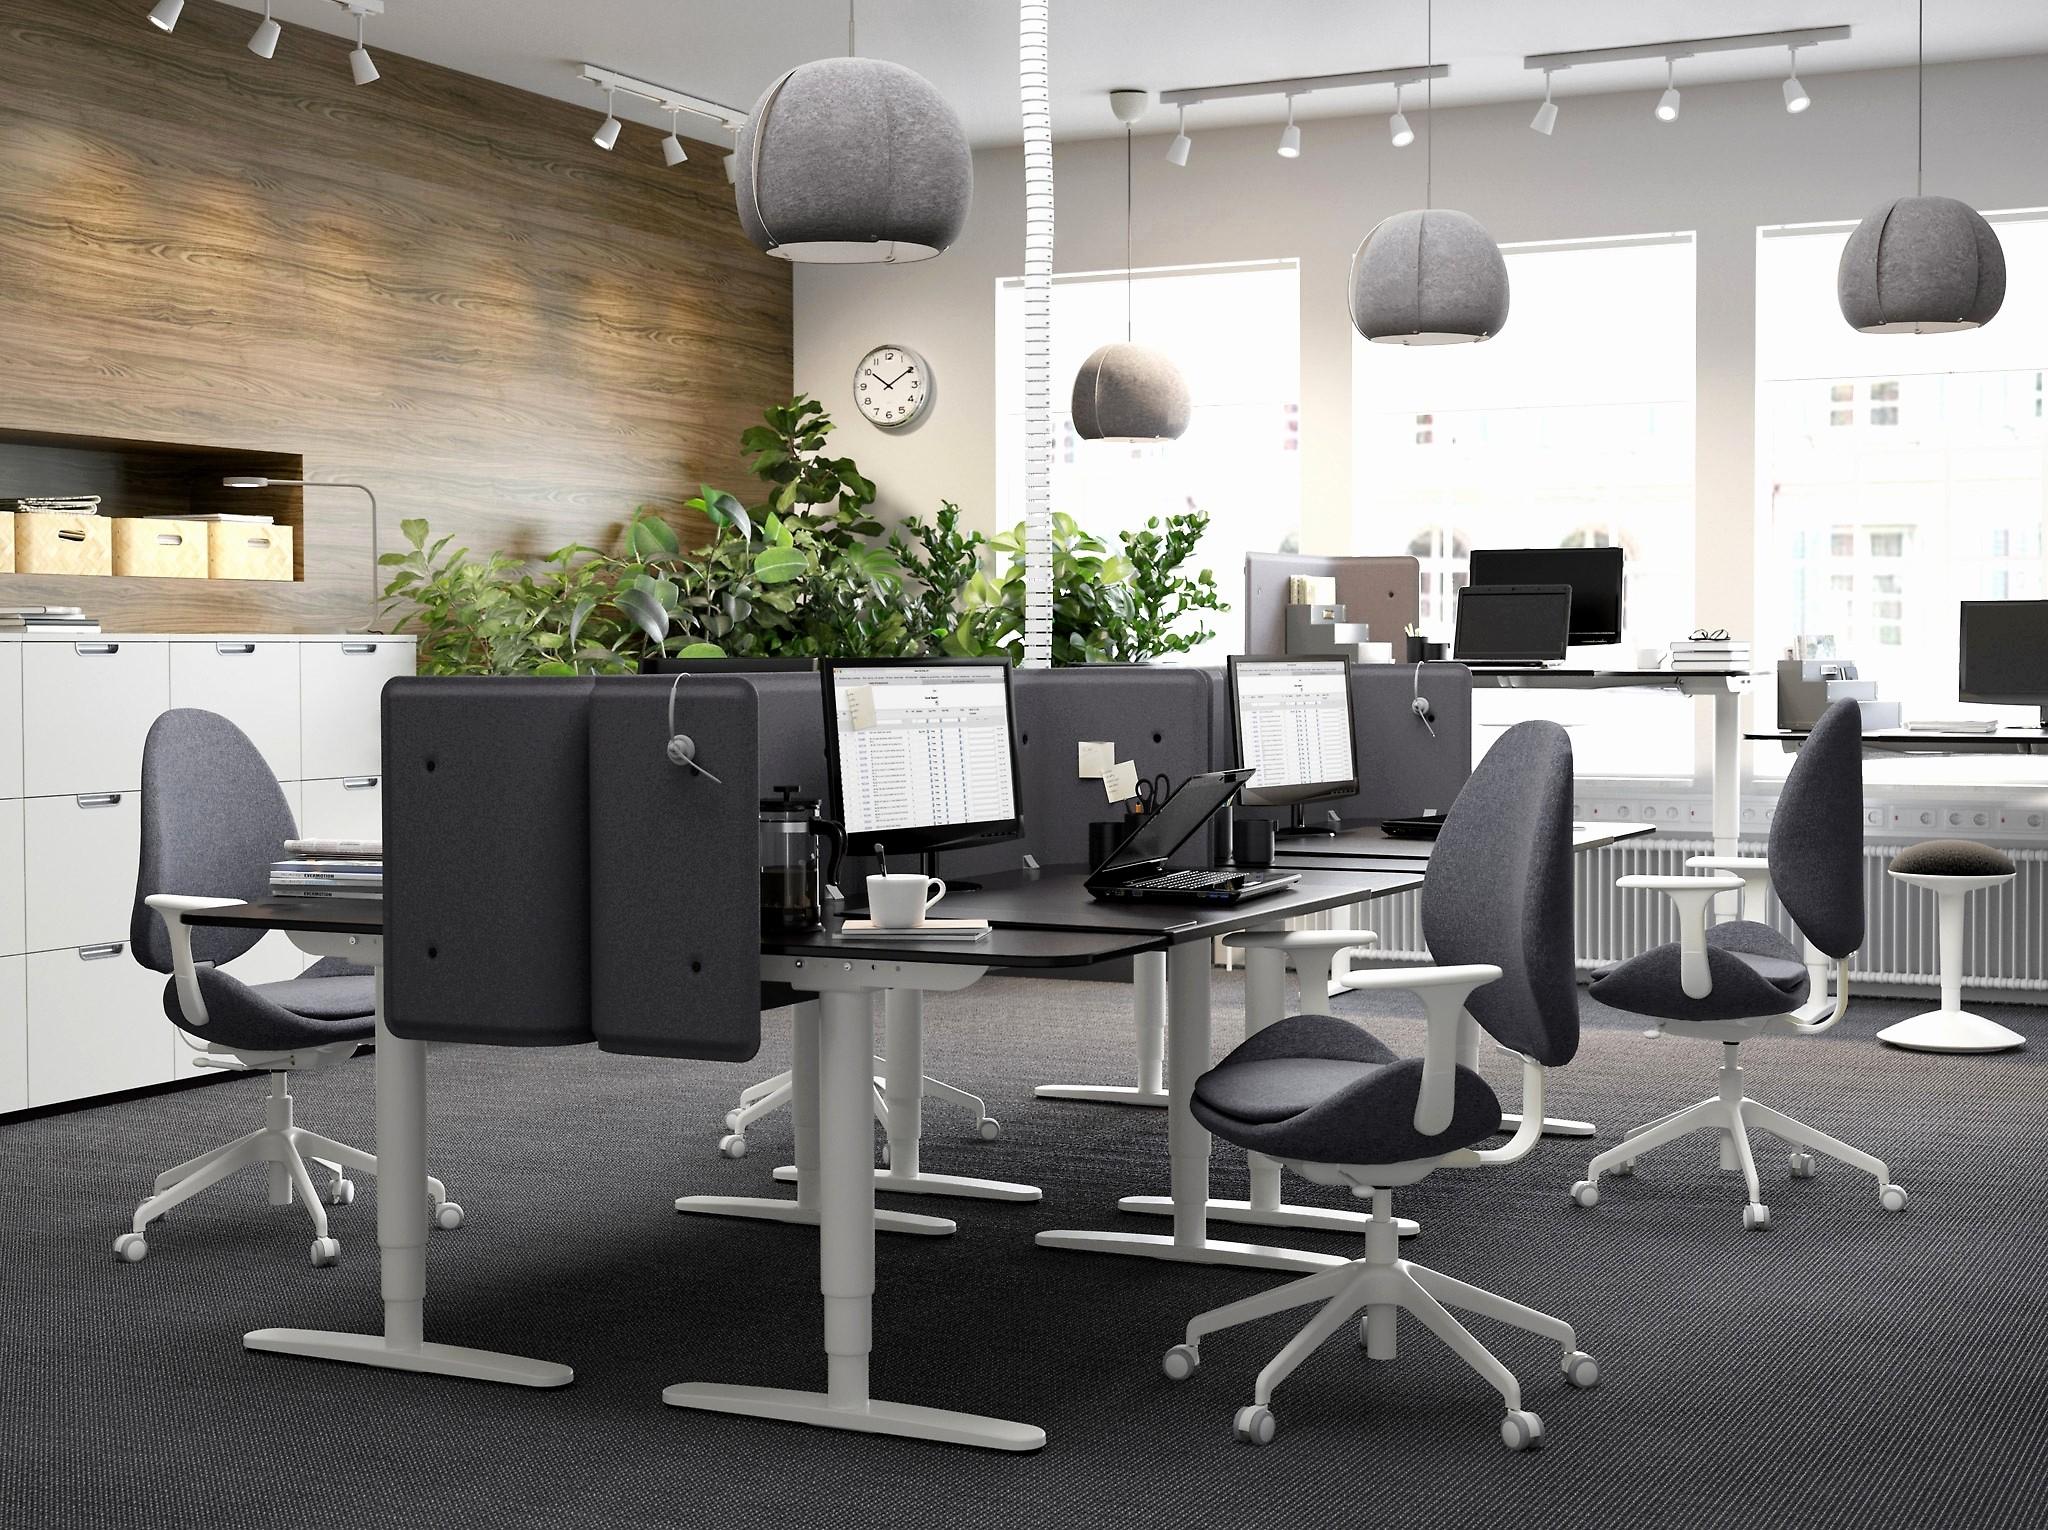 modele de fauteuil chaise conforama luxe chaises soldes destine a osier modele de fauteuil chaise salon 0d concept of 1